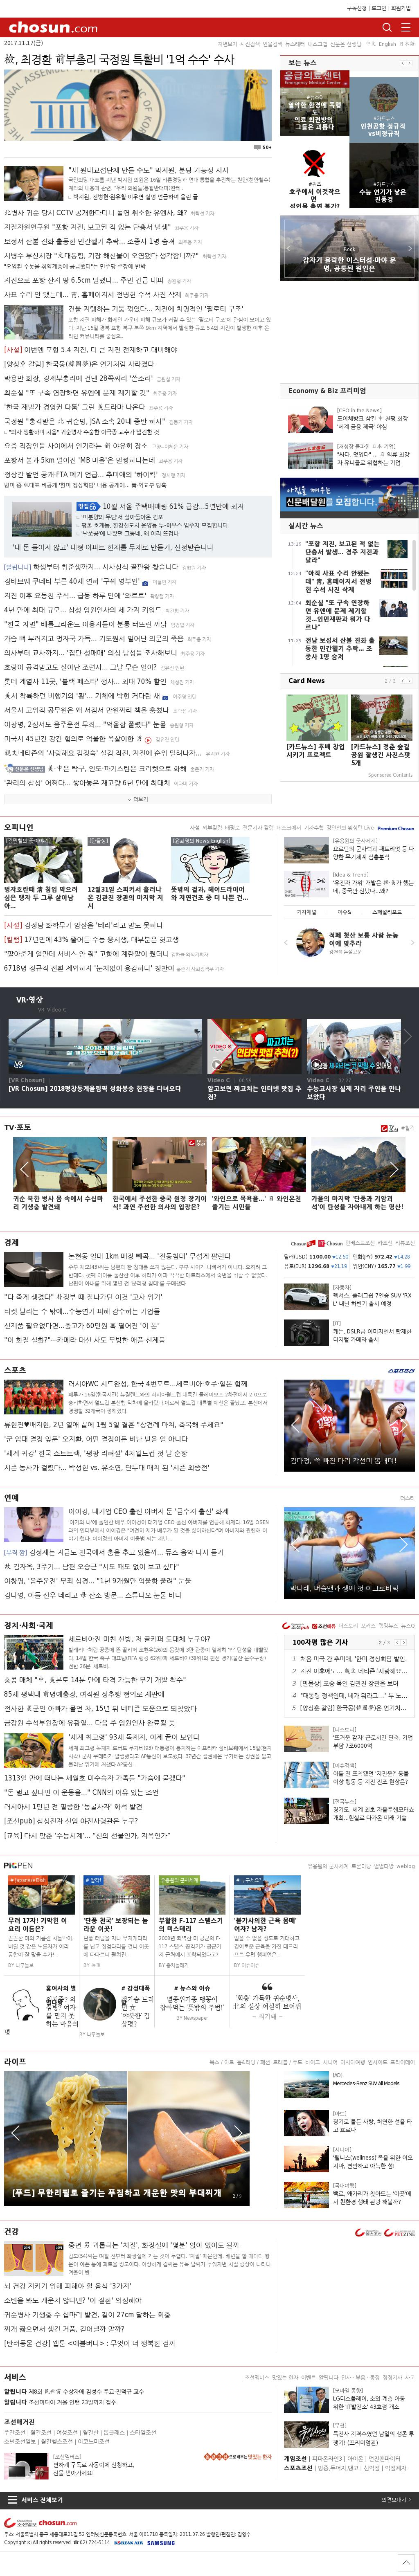 chosun.com at Thursday Nov. 16, 2017, 3:03 p.m. UTC